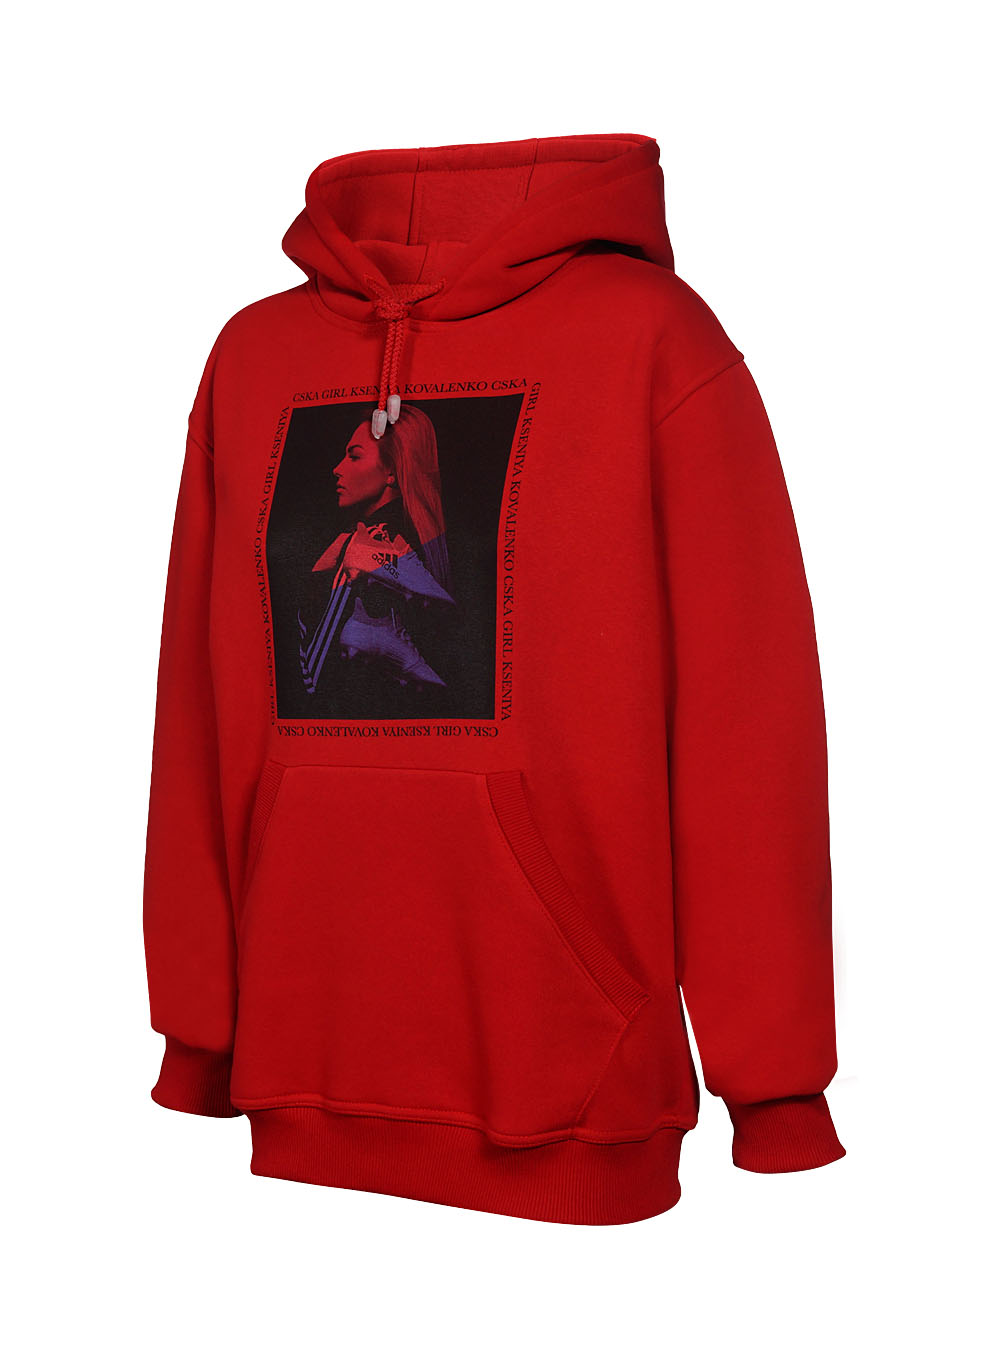 Купить Худи женское «Коваленко»,цвет красный (S) по Нижнему Новгороду